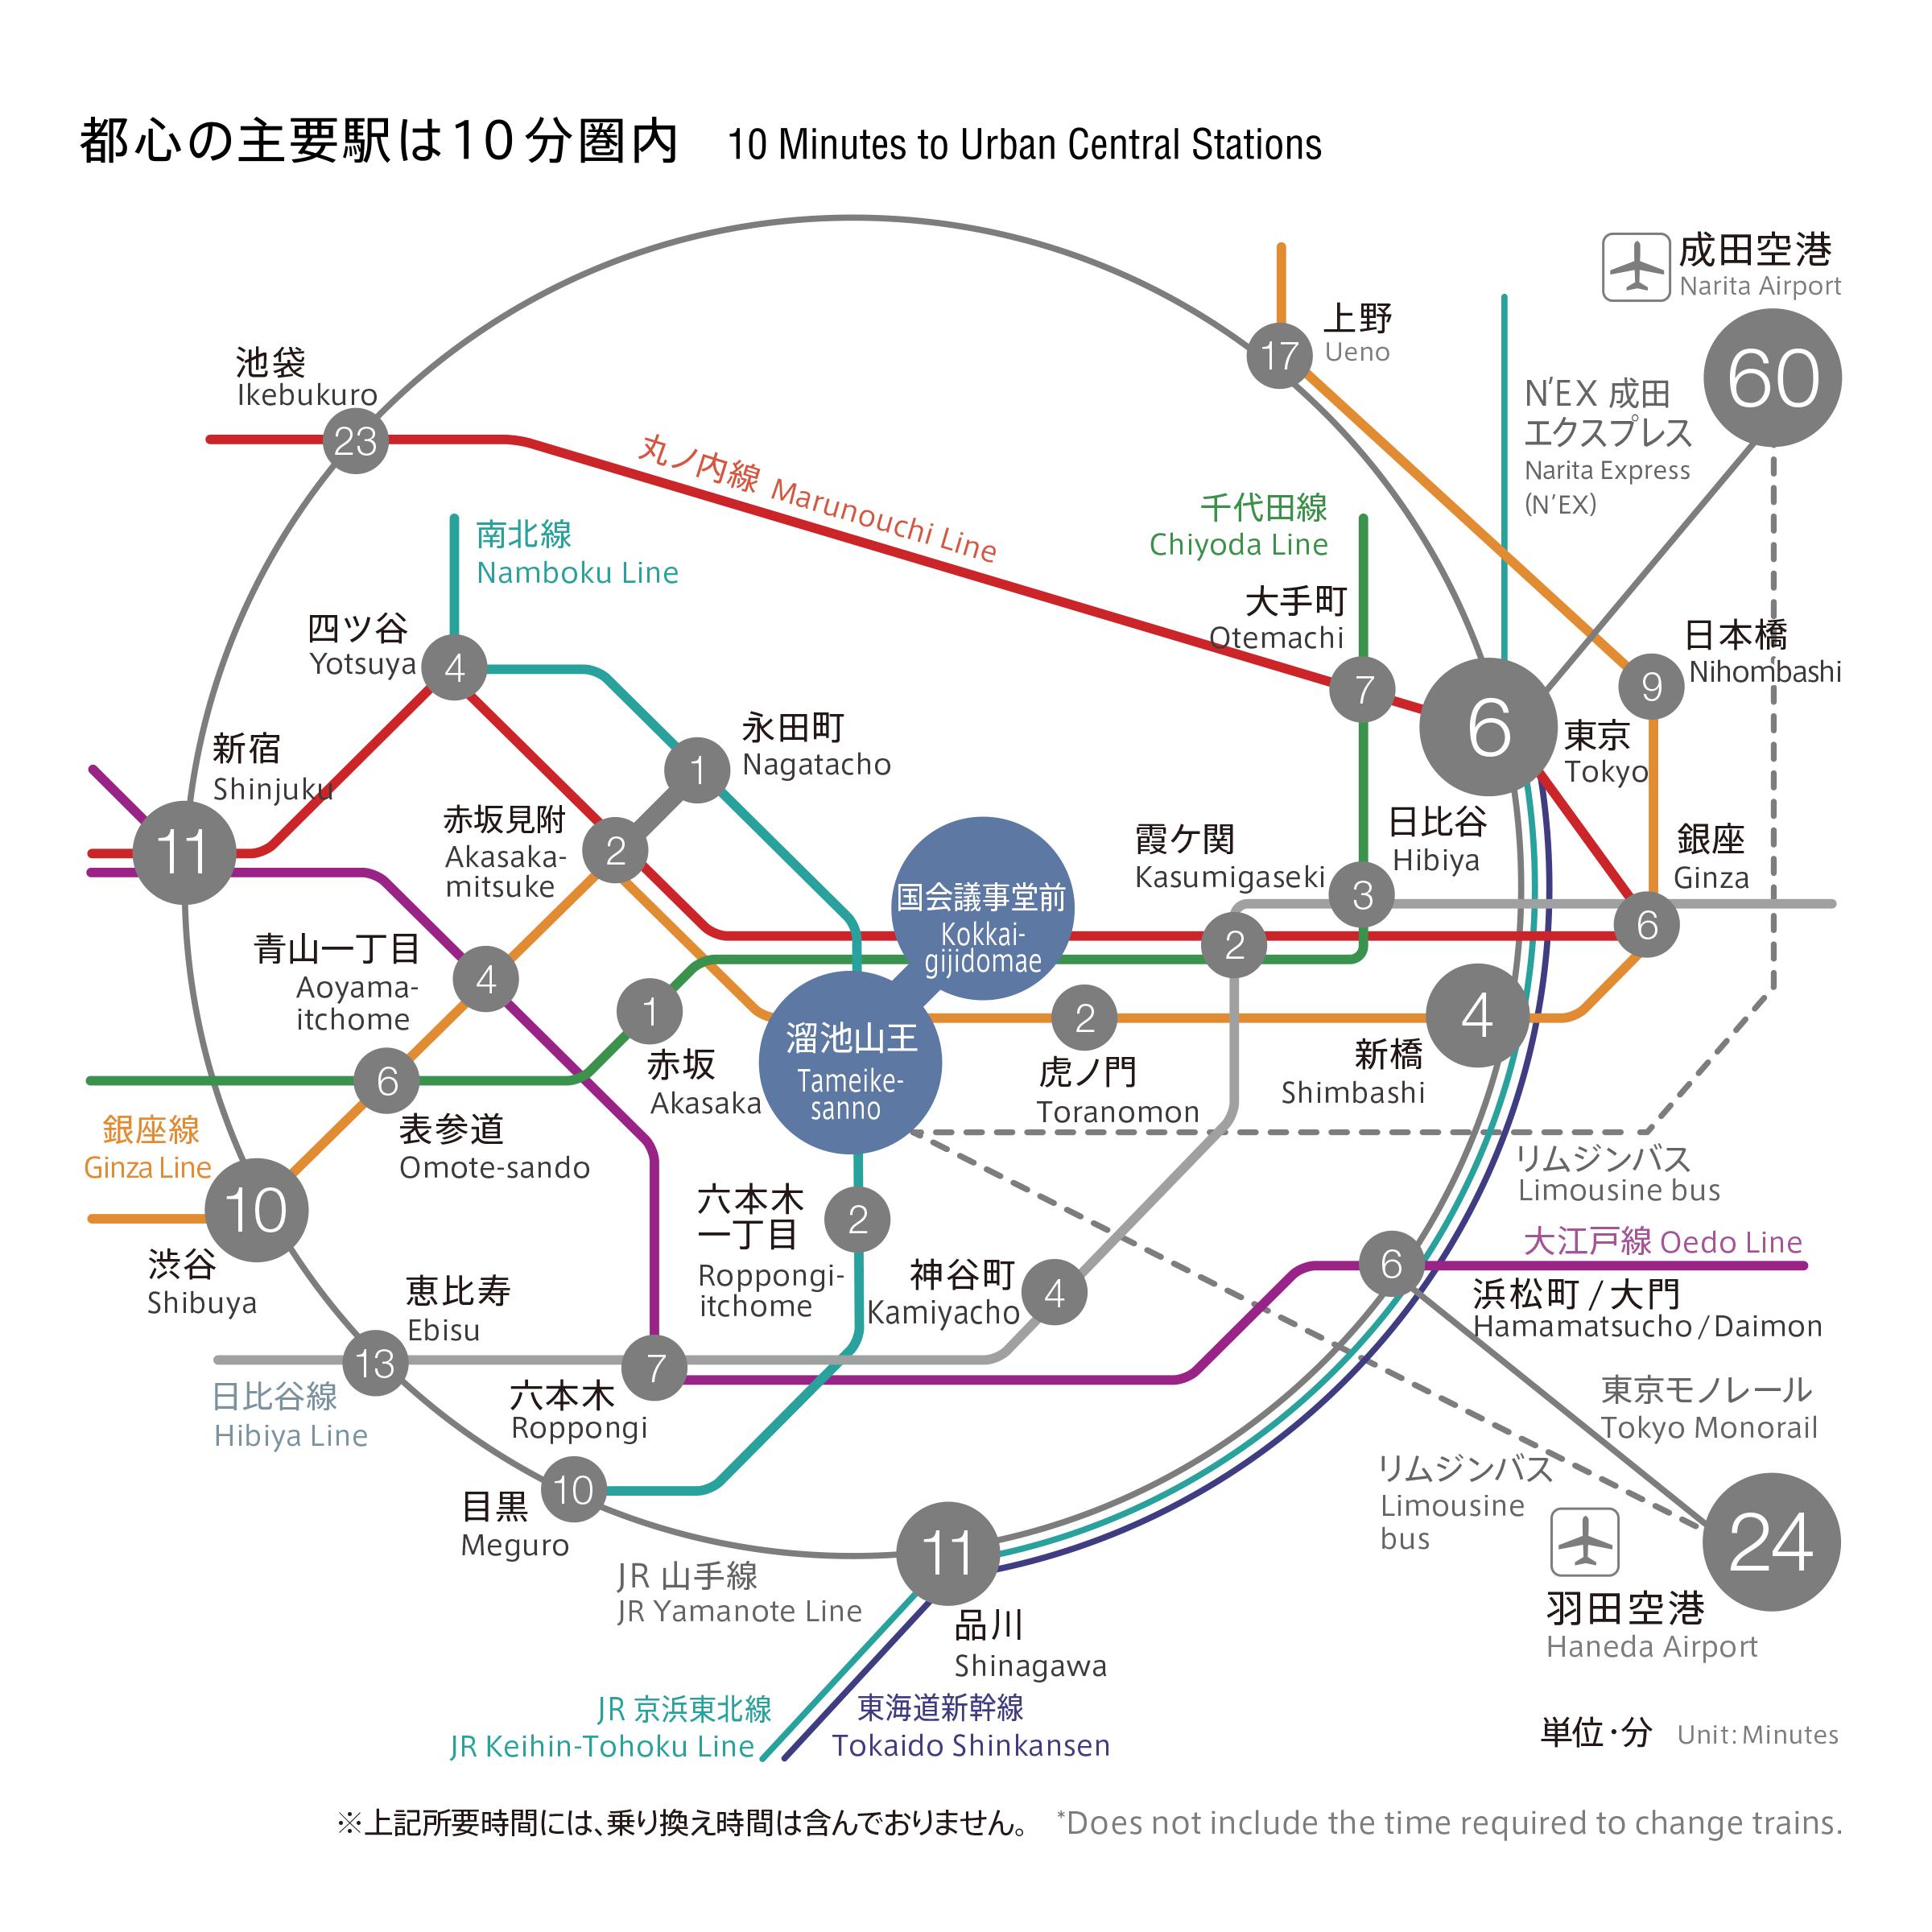 赤坂インターシティコンファレンスまでの路線図情報